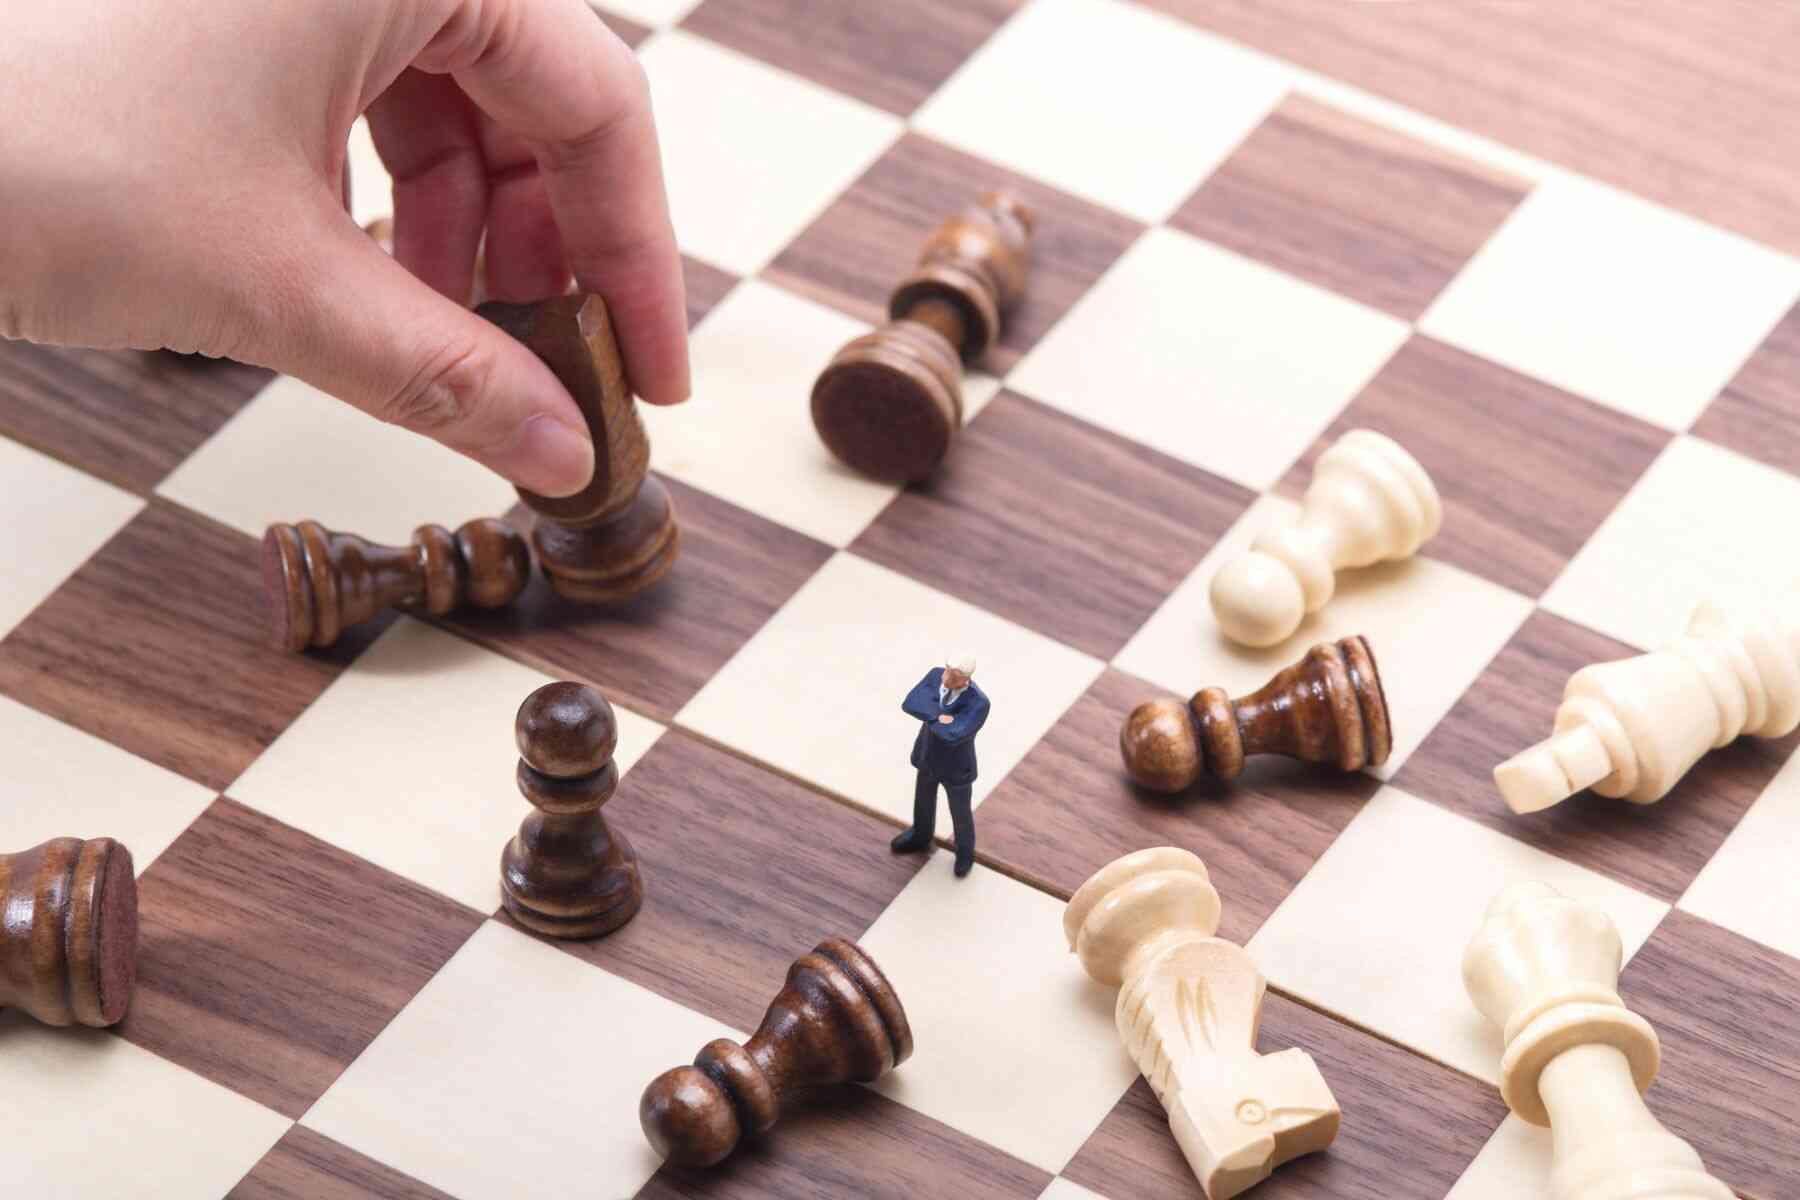 チェス盤上のビジネスマン